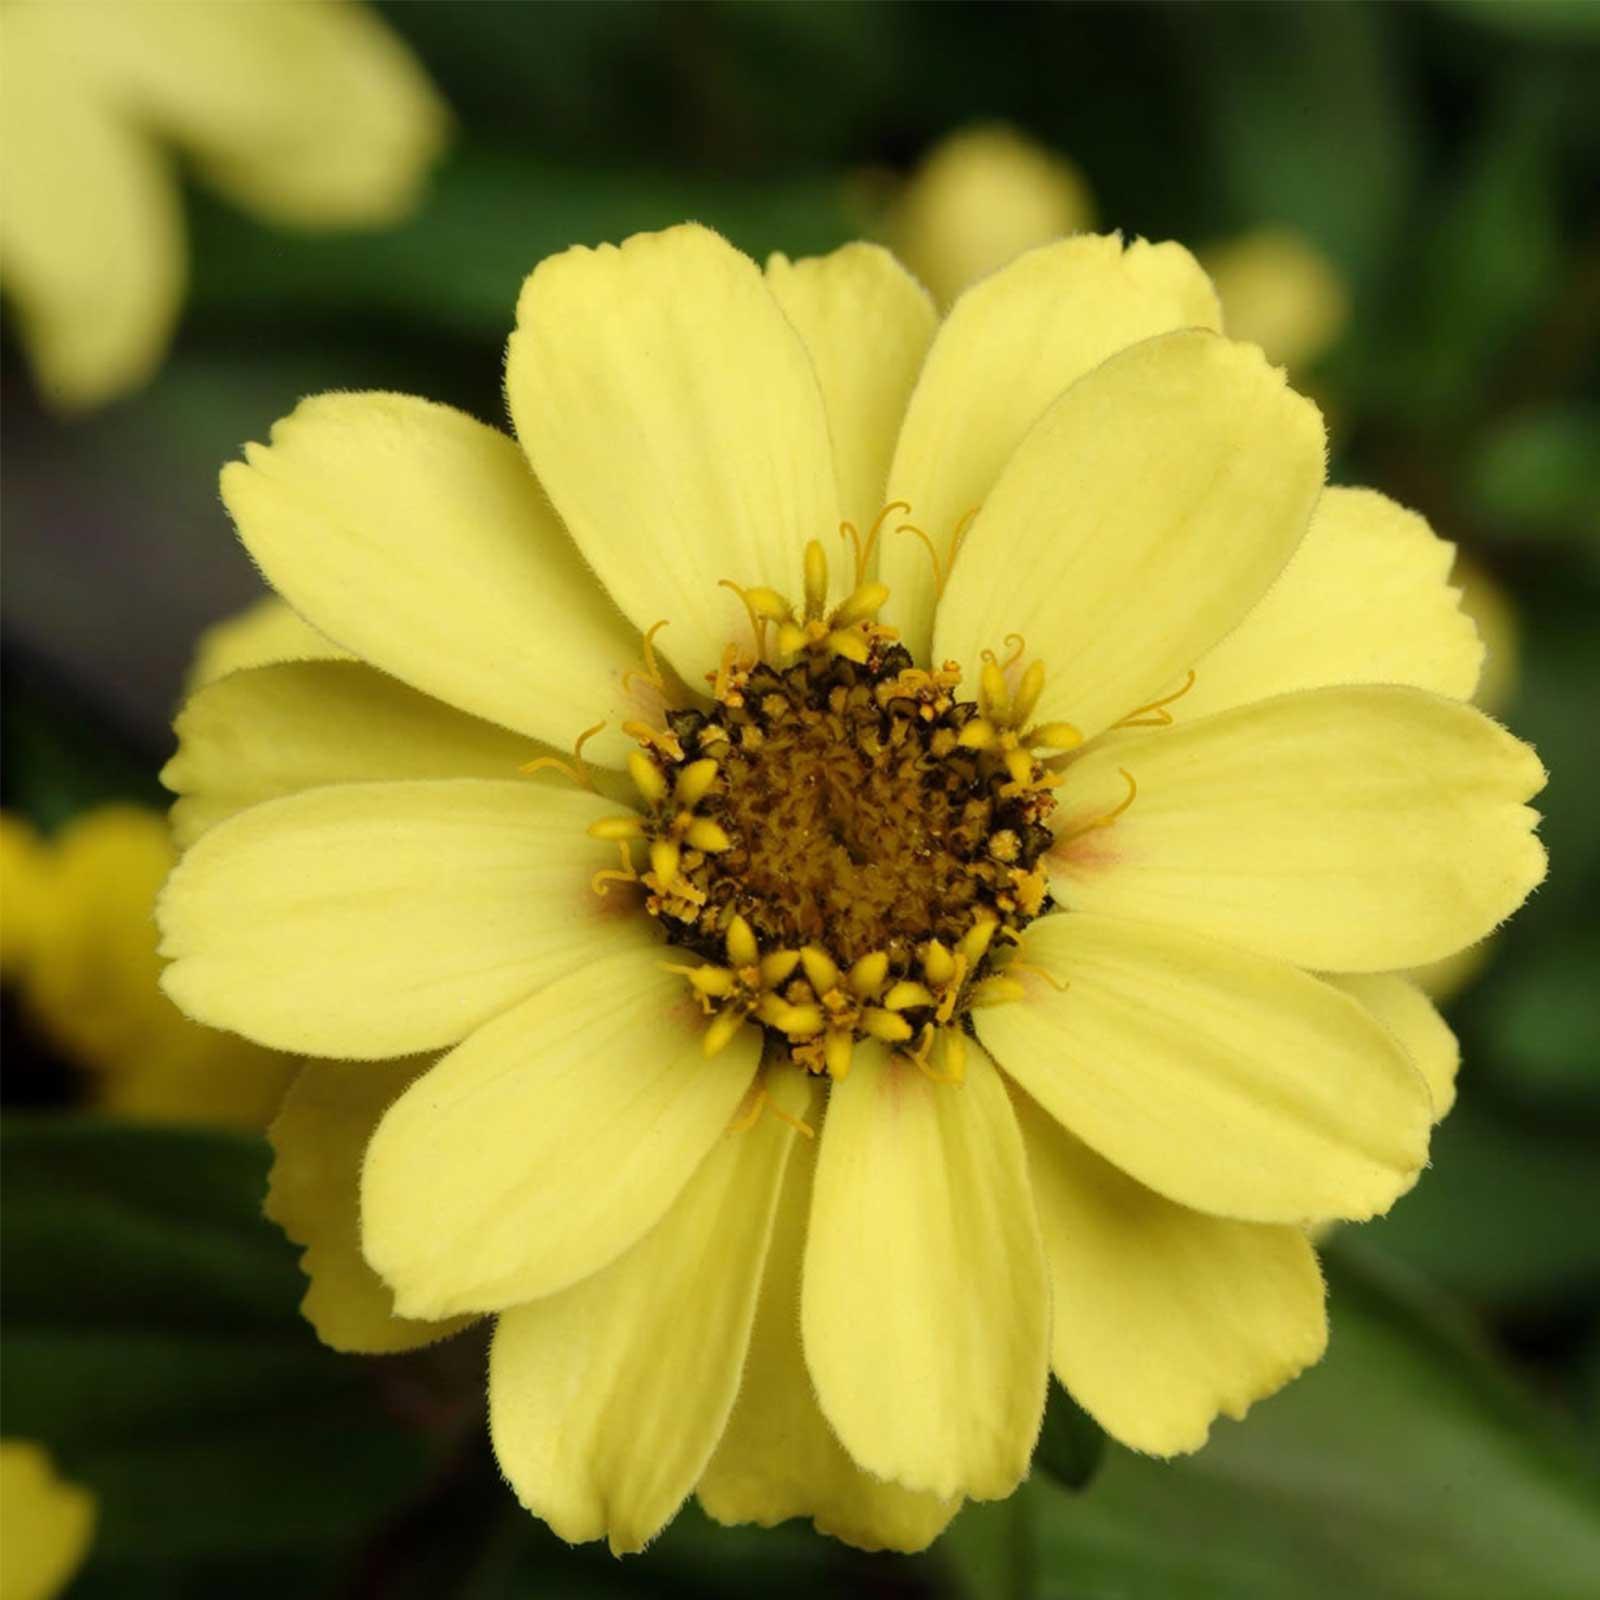 Zinnia Flower Garden Seeds Zahara Series Yellow 500 Seeds Annual